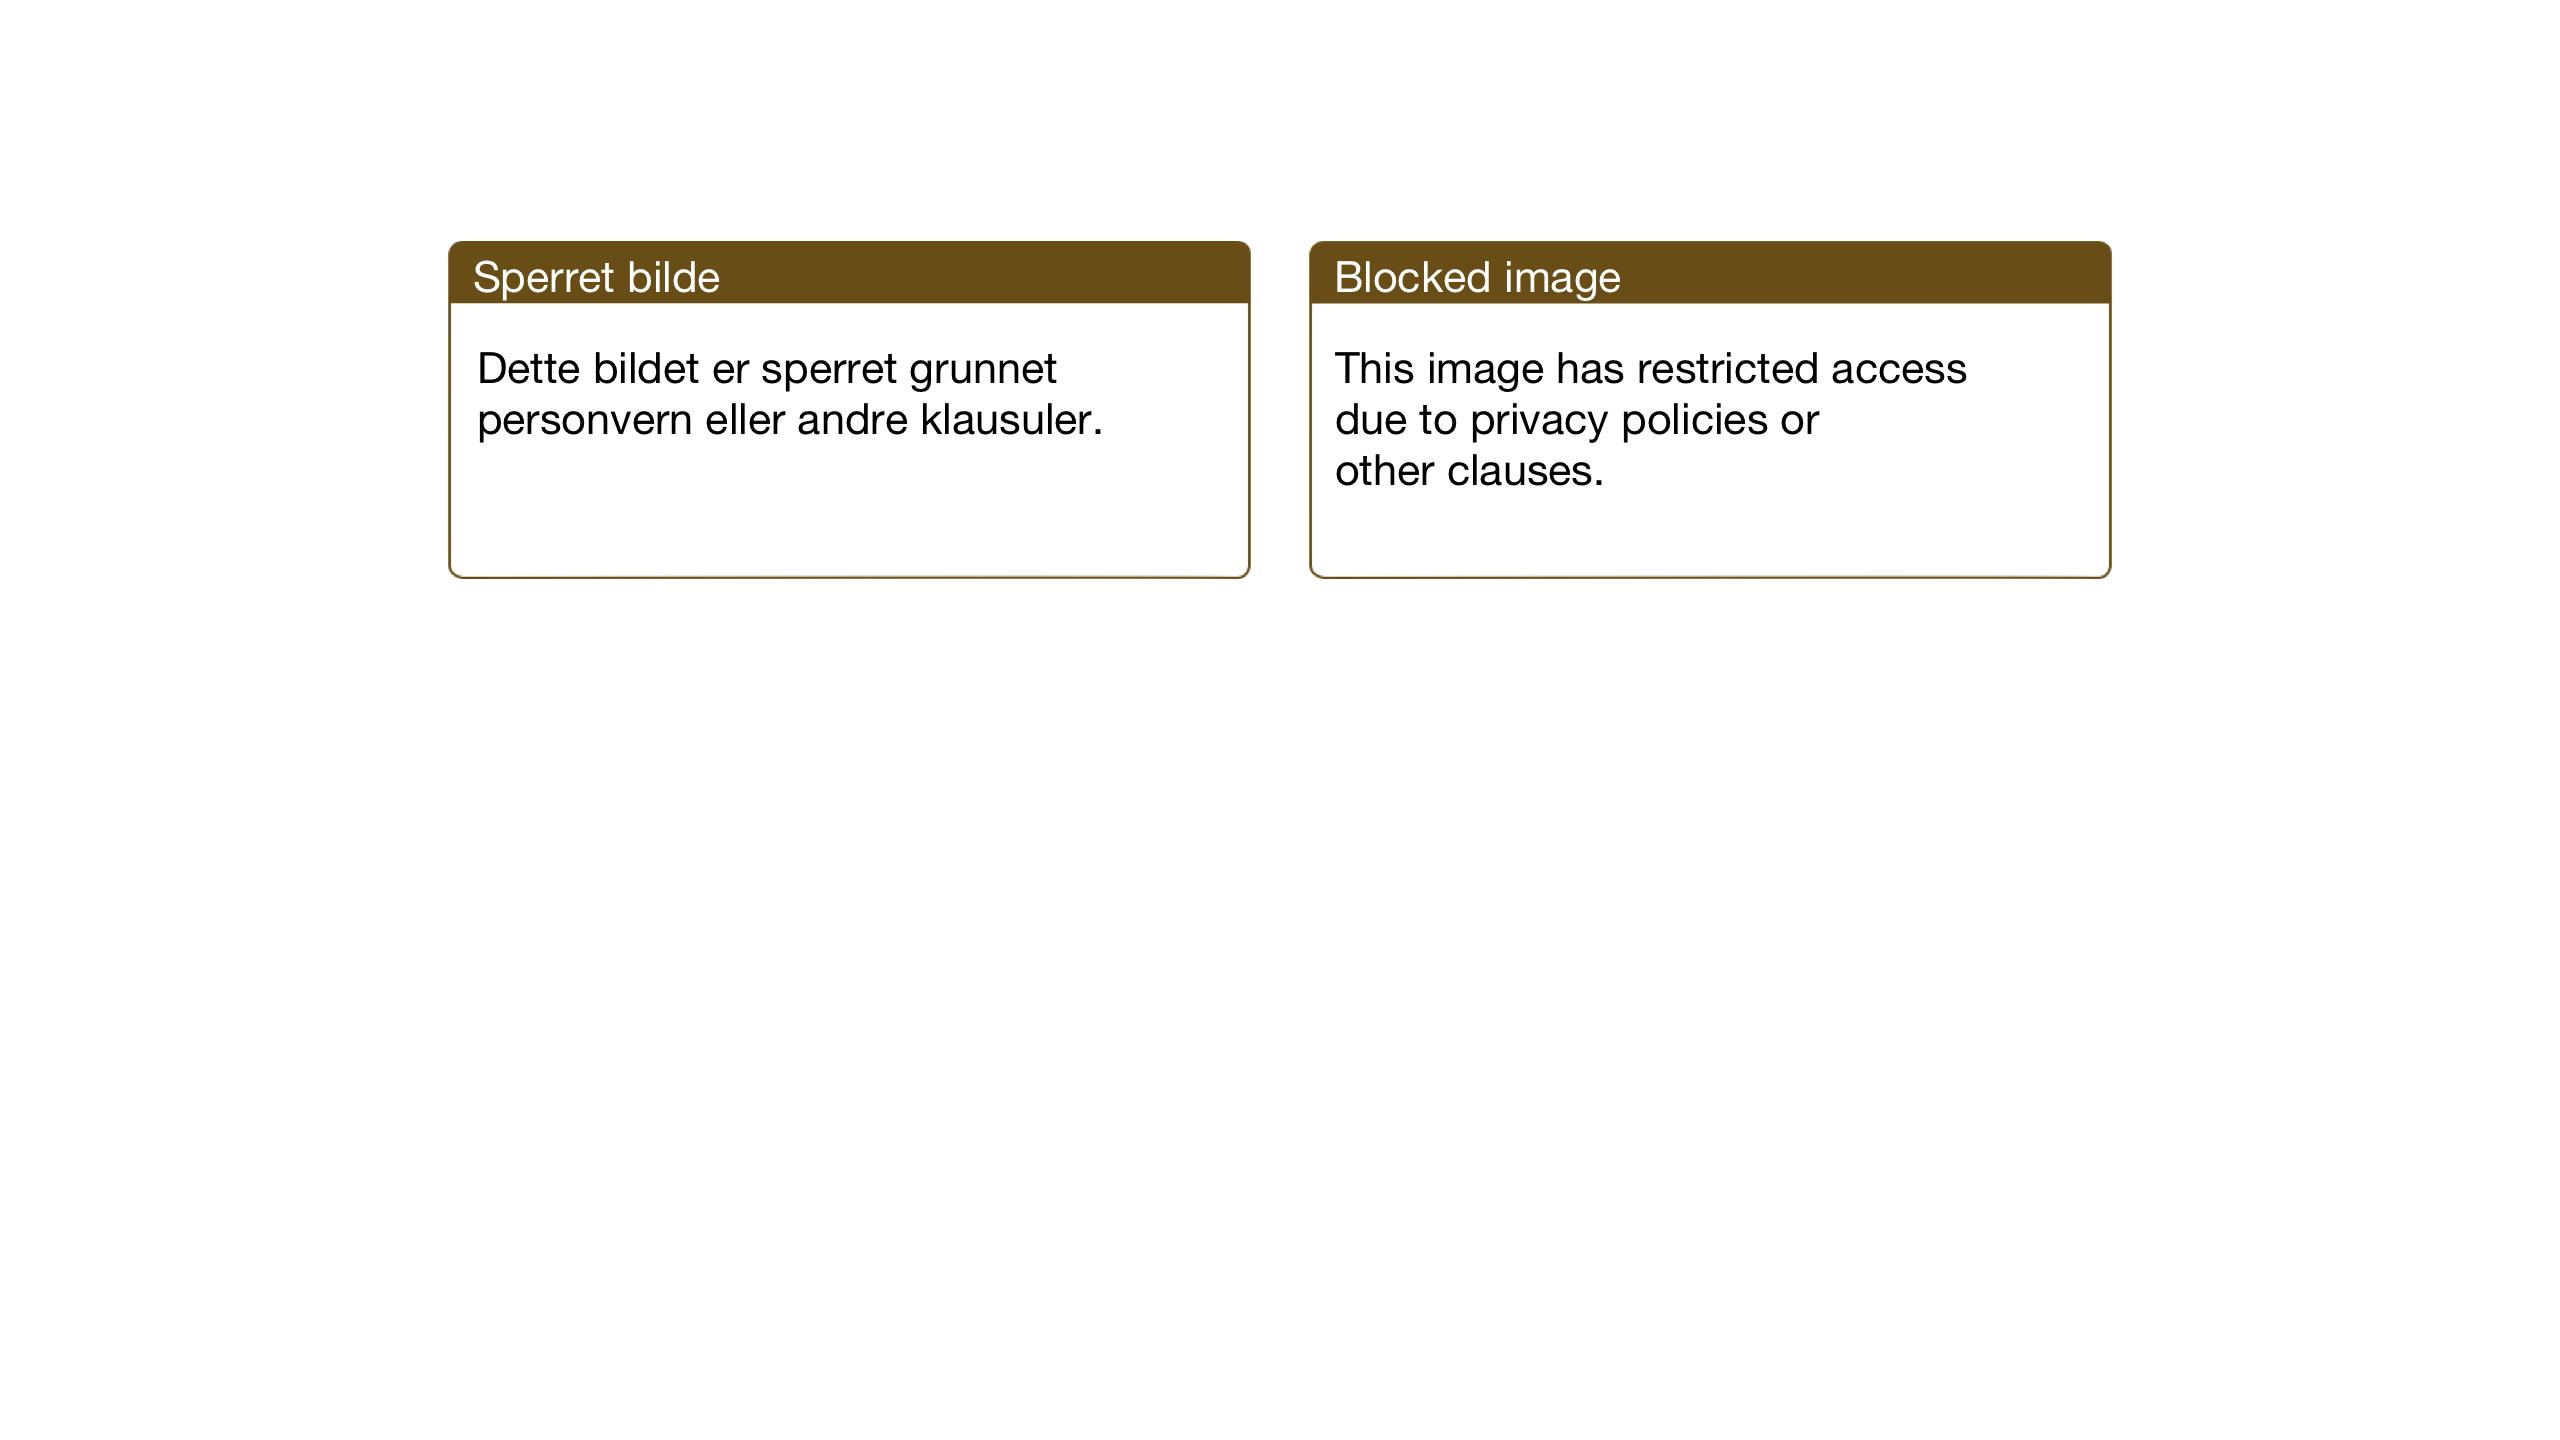 SAT, Ministerialprotokoller, klokkerbøker og fødselsregistre - Nord-Trøndelag, 710/L0097: Klokkerbok nr. 710C02, 1925-1955, s. 101